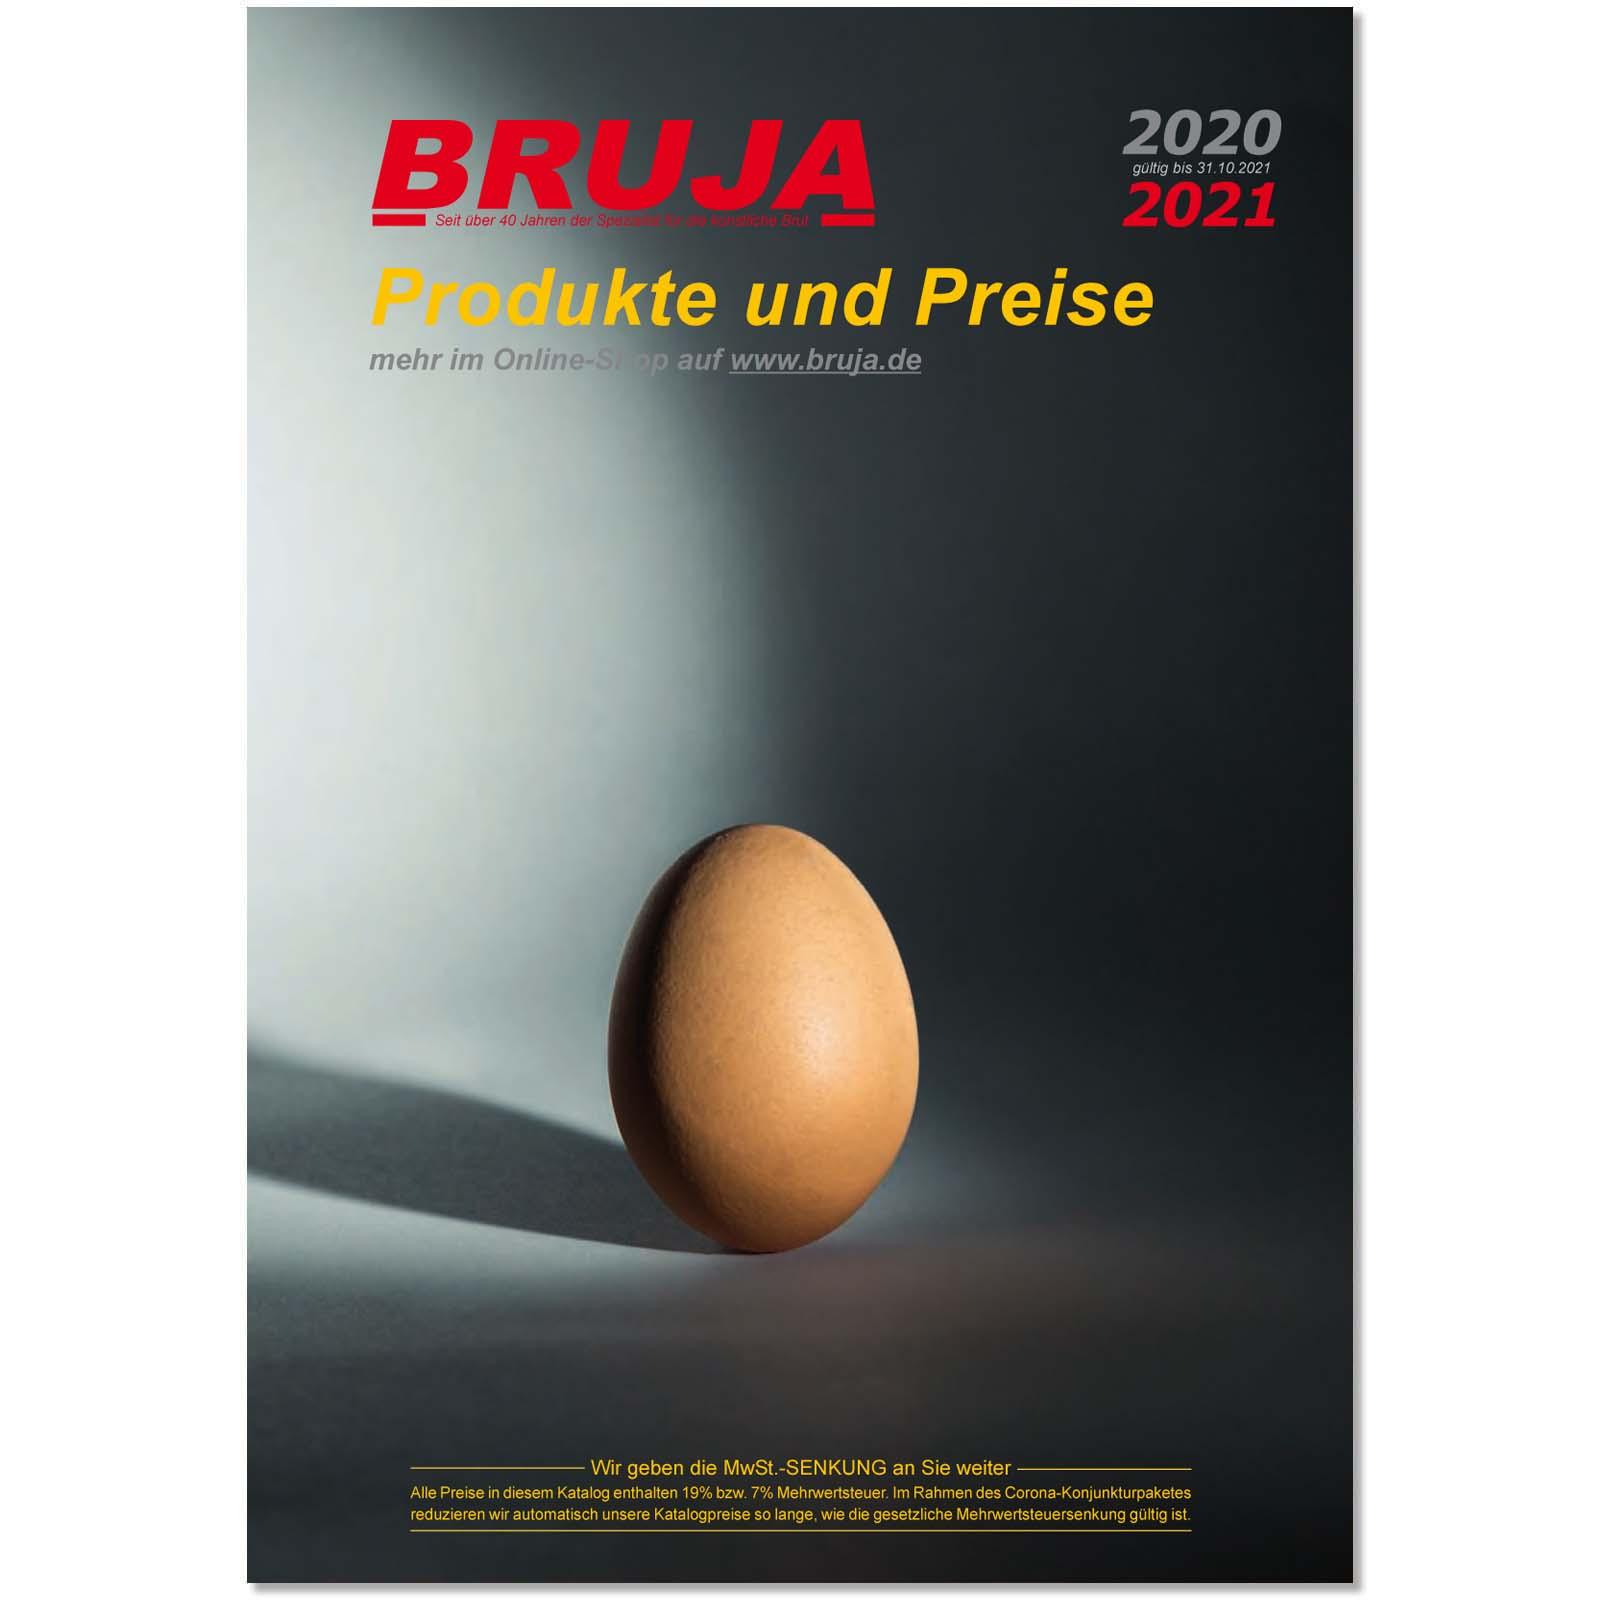 BRUJA_Katalog_2020-2021